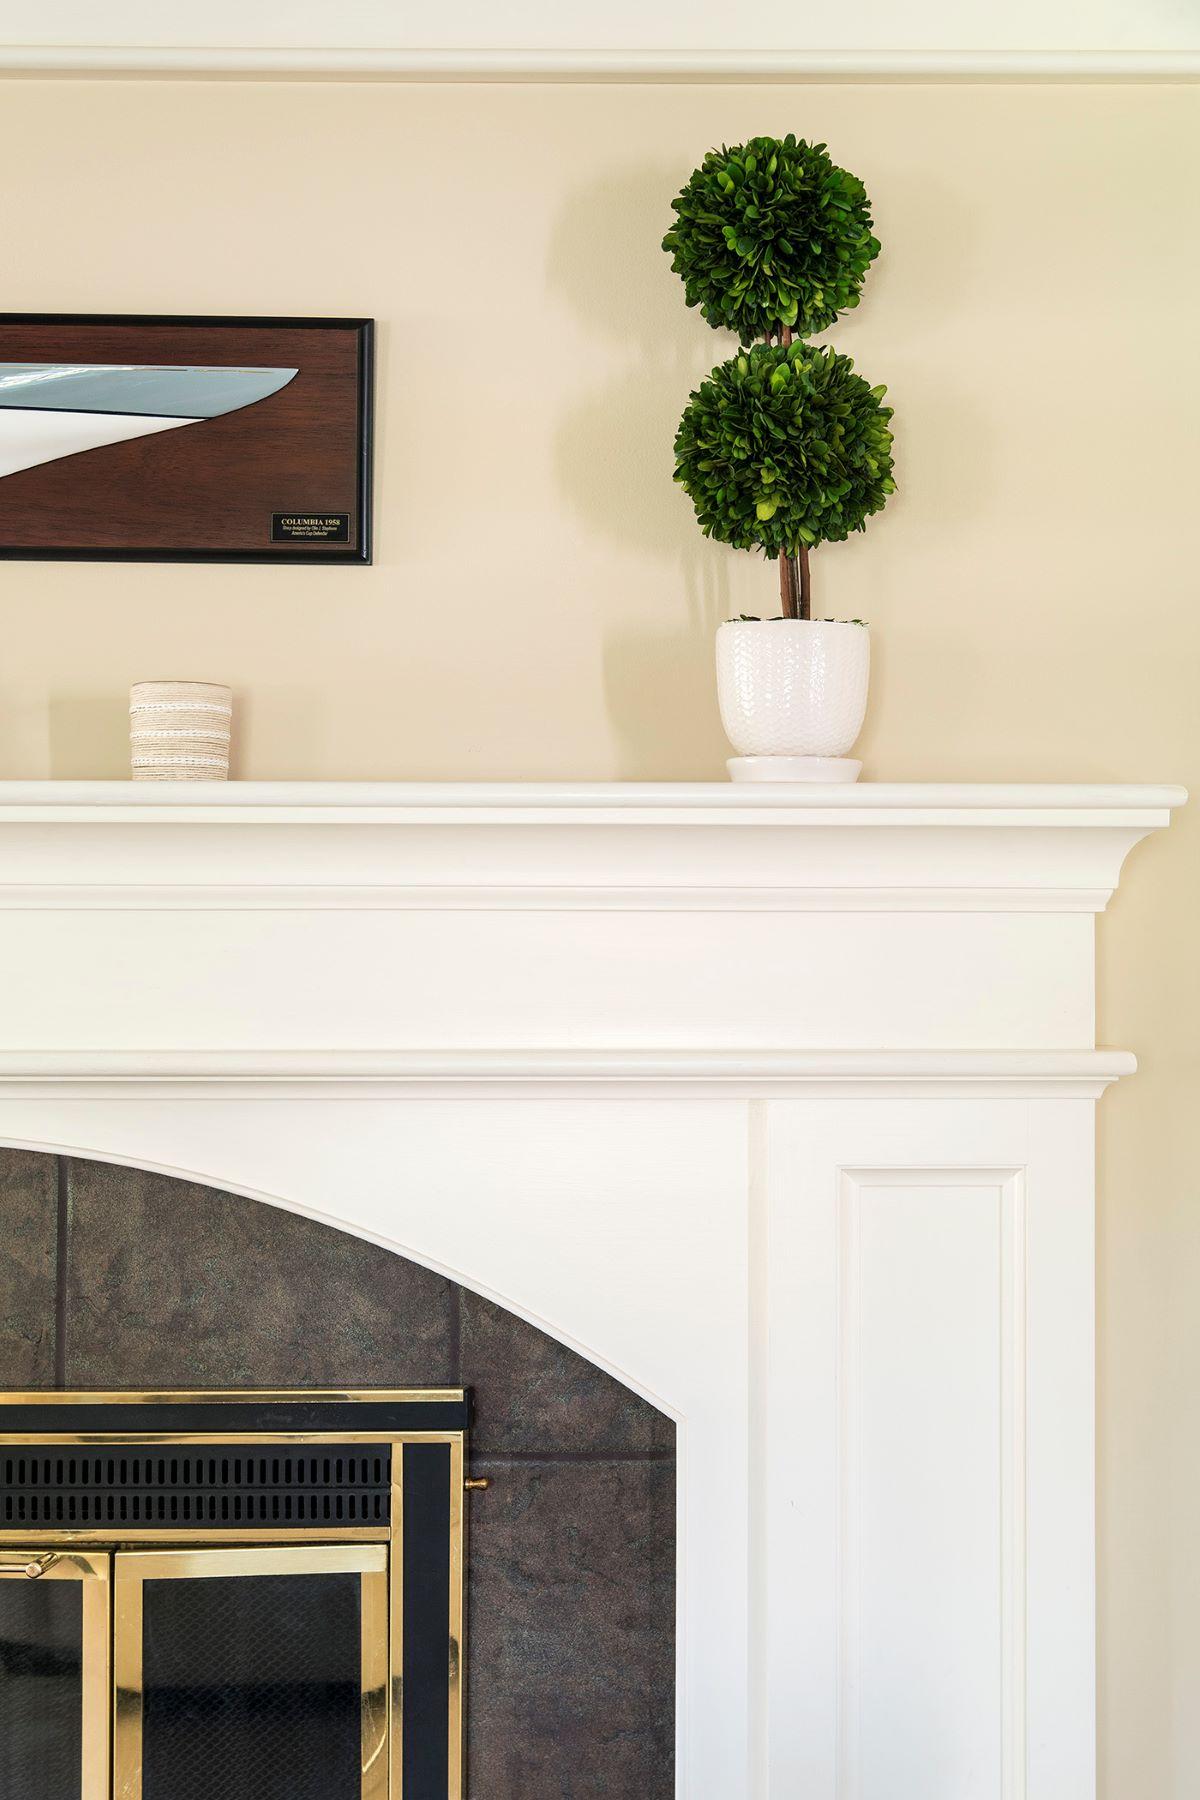 Additional photo for property listing at 8 Mast Lane 8 Mast Lane Yarmouth, Maine 04096 United States